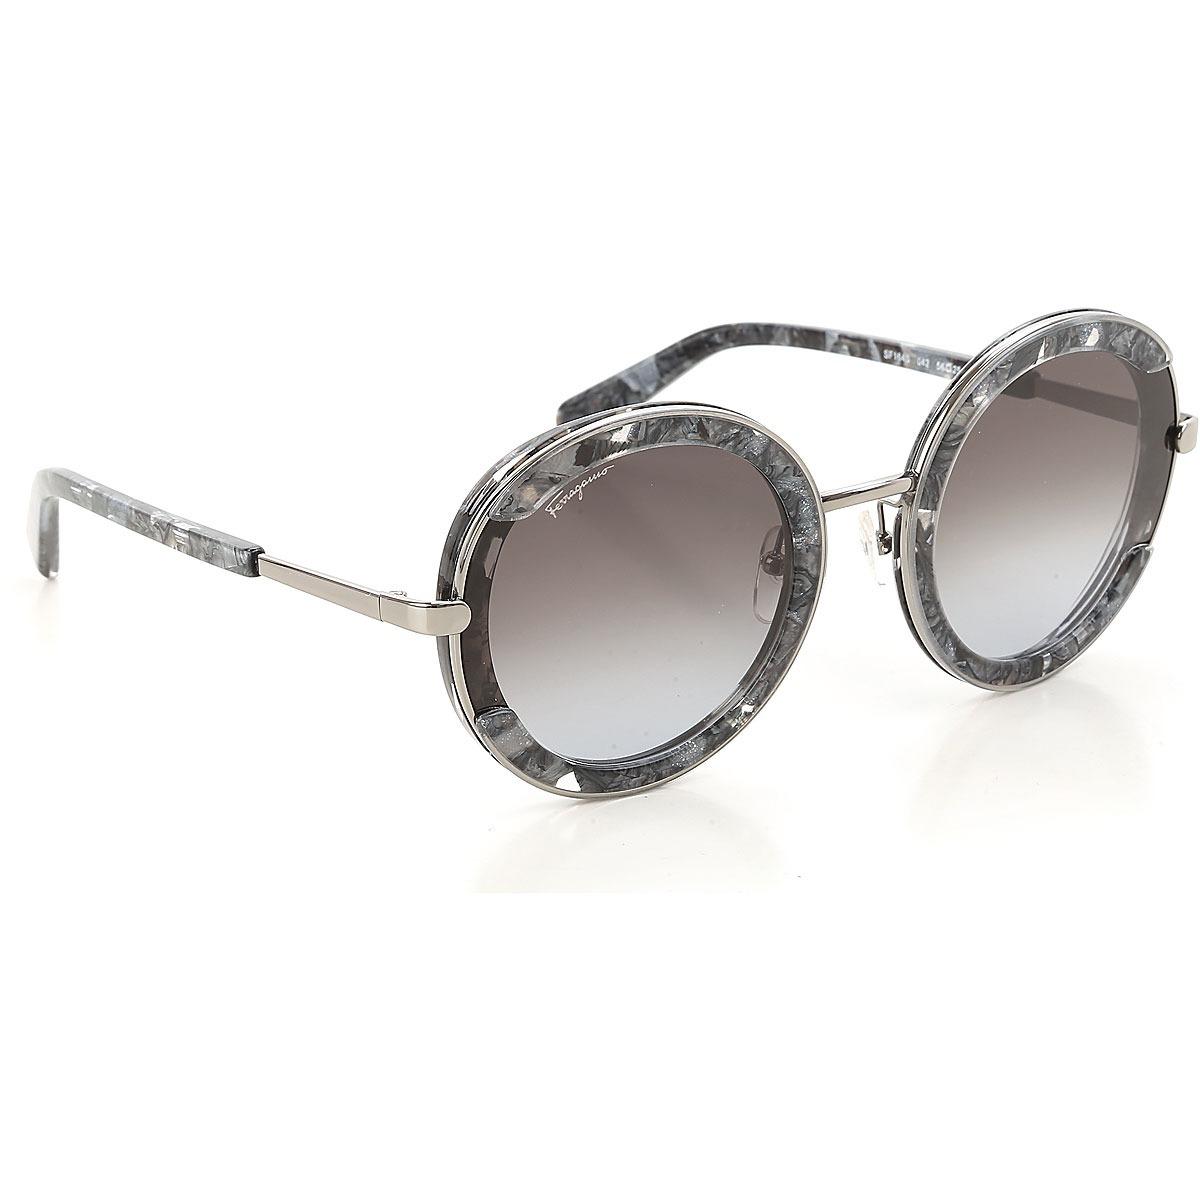 0e9b8c6d5 Óculos De Sol Salvatore Ferragamo Original - Sf164 - R$ 1.750,00 em ...